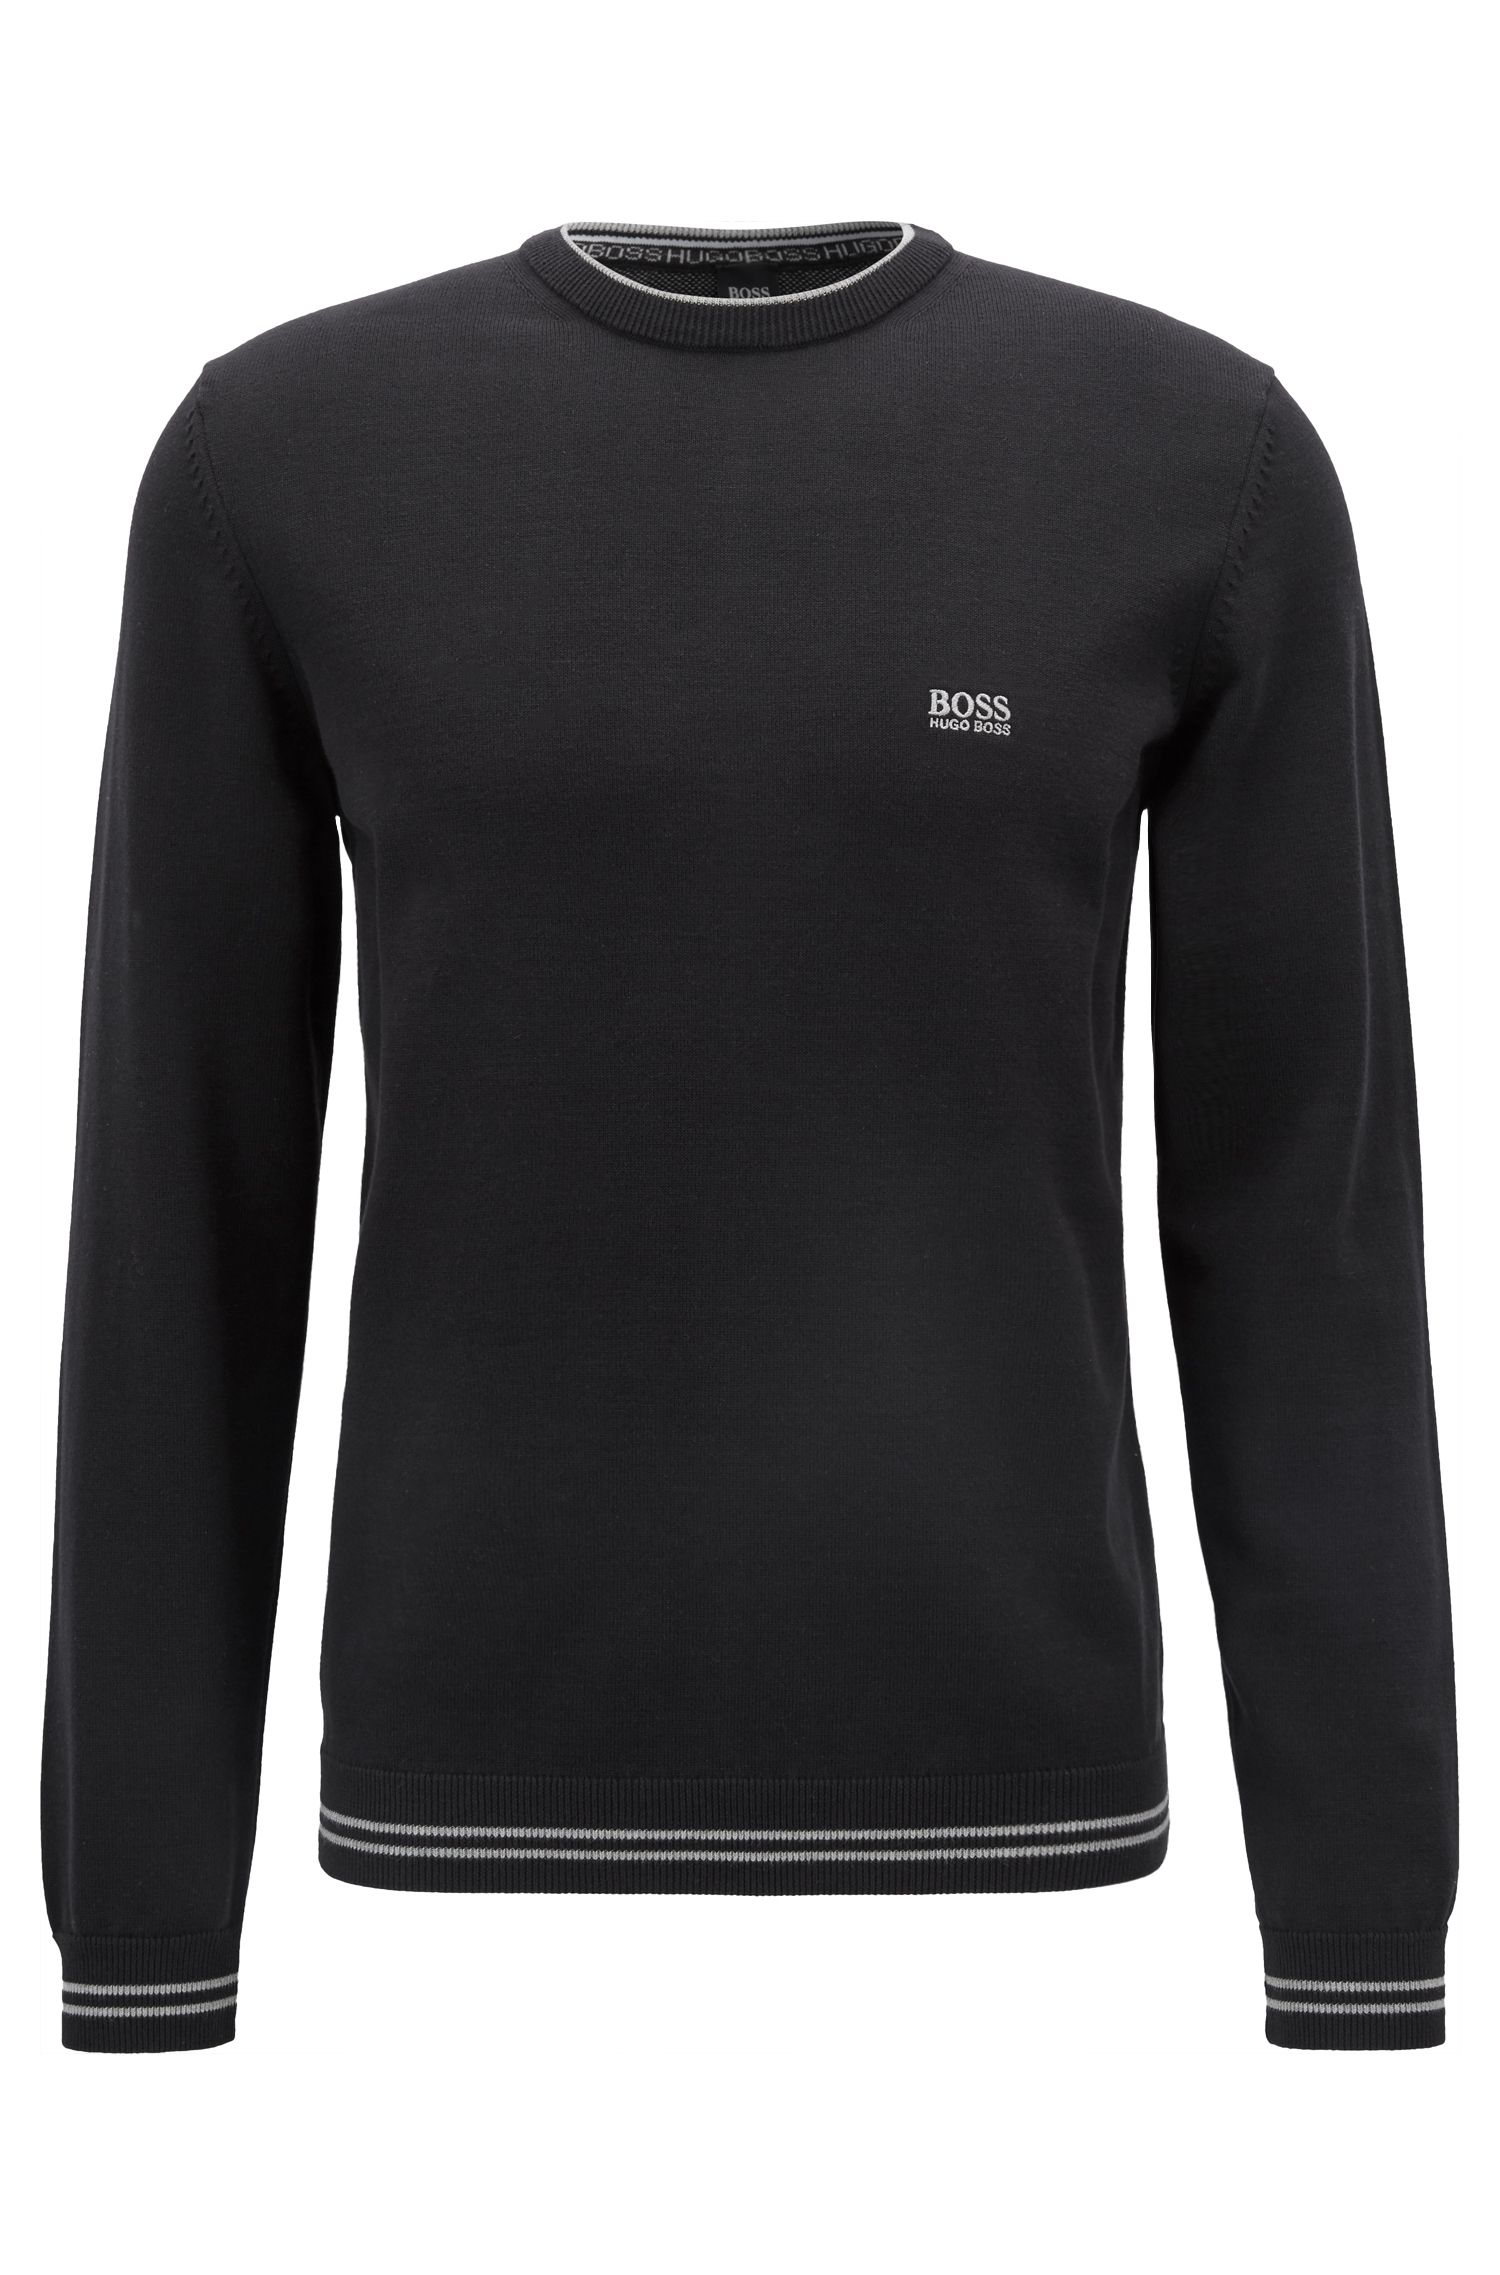 Strickpullover aus Baumwoll-Mix mit kontrastfarbener Einfassung und Logo-Intarsien, Schwarz